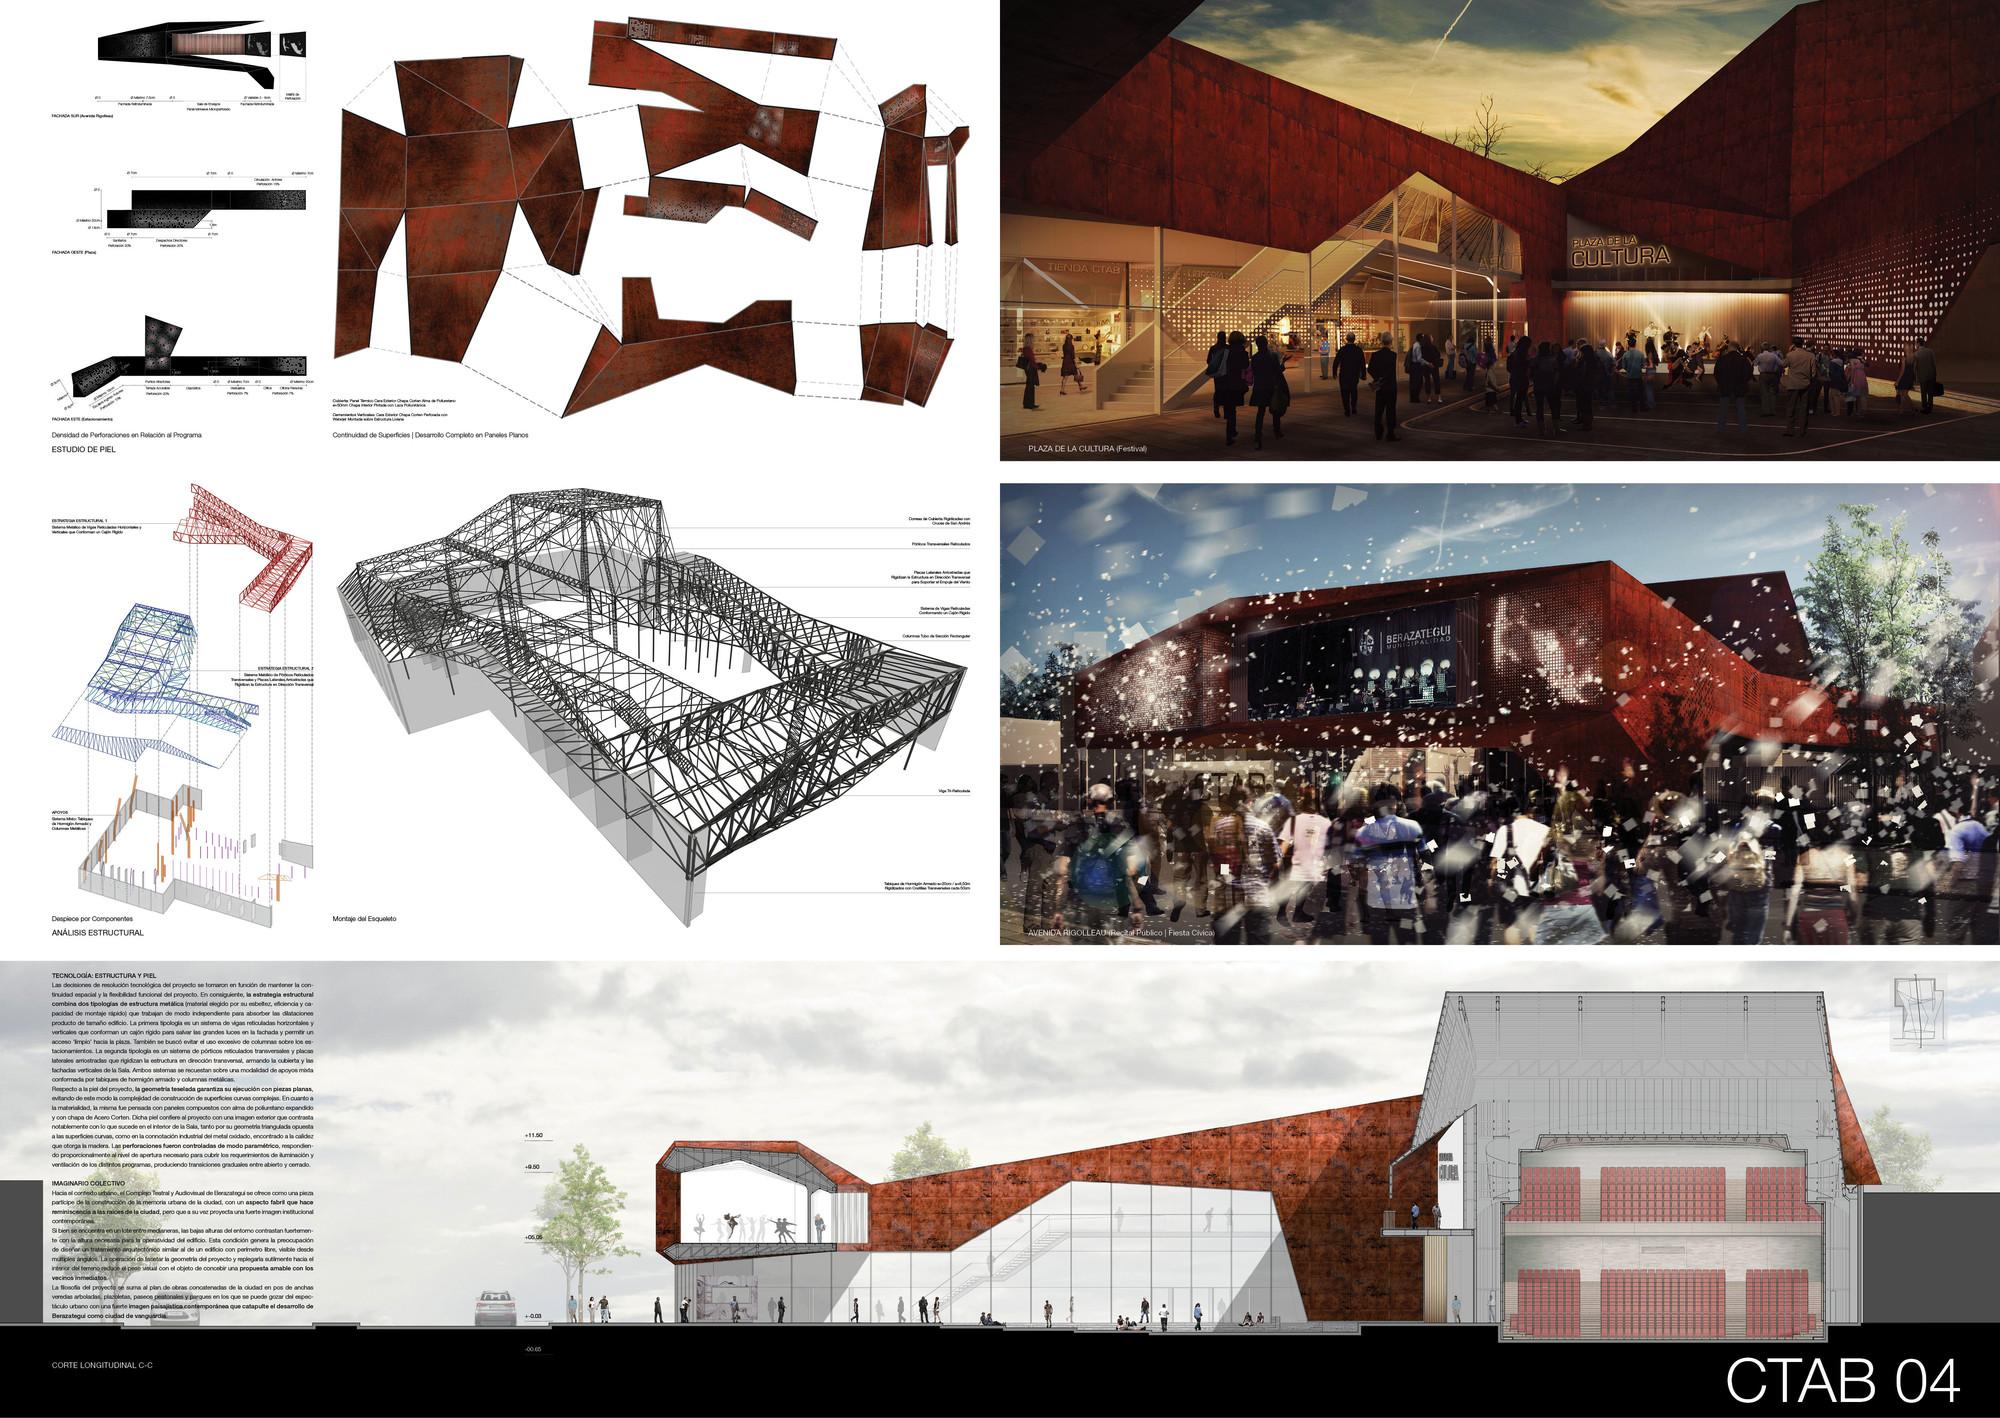 Lamina Mencion Equipo 91. Image Courtesy of Colegio de Arquitectos de la Provincia de Buenos Aires